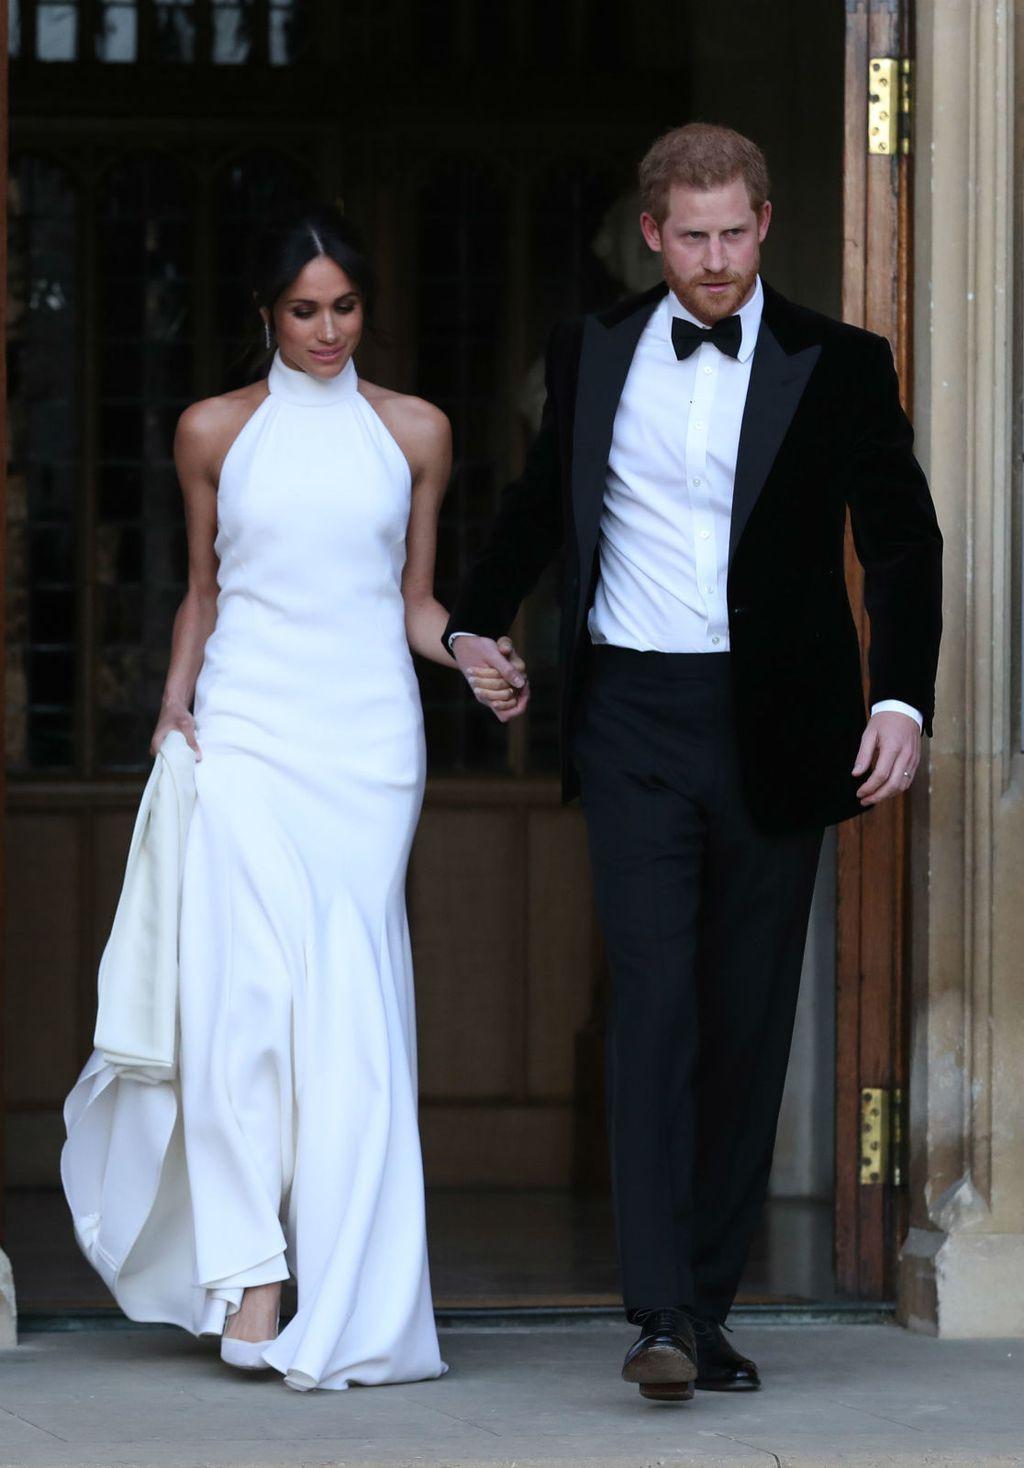 Drugu vjenčanicu vojvotkinje od Sussexa potpisuje Stella McCartney - 4